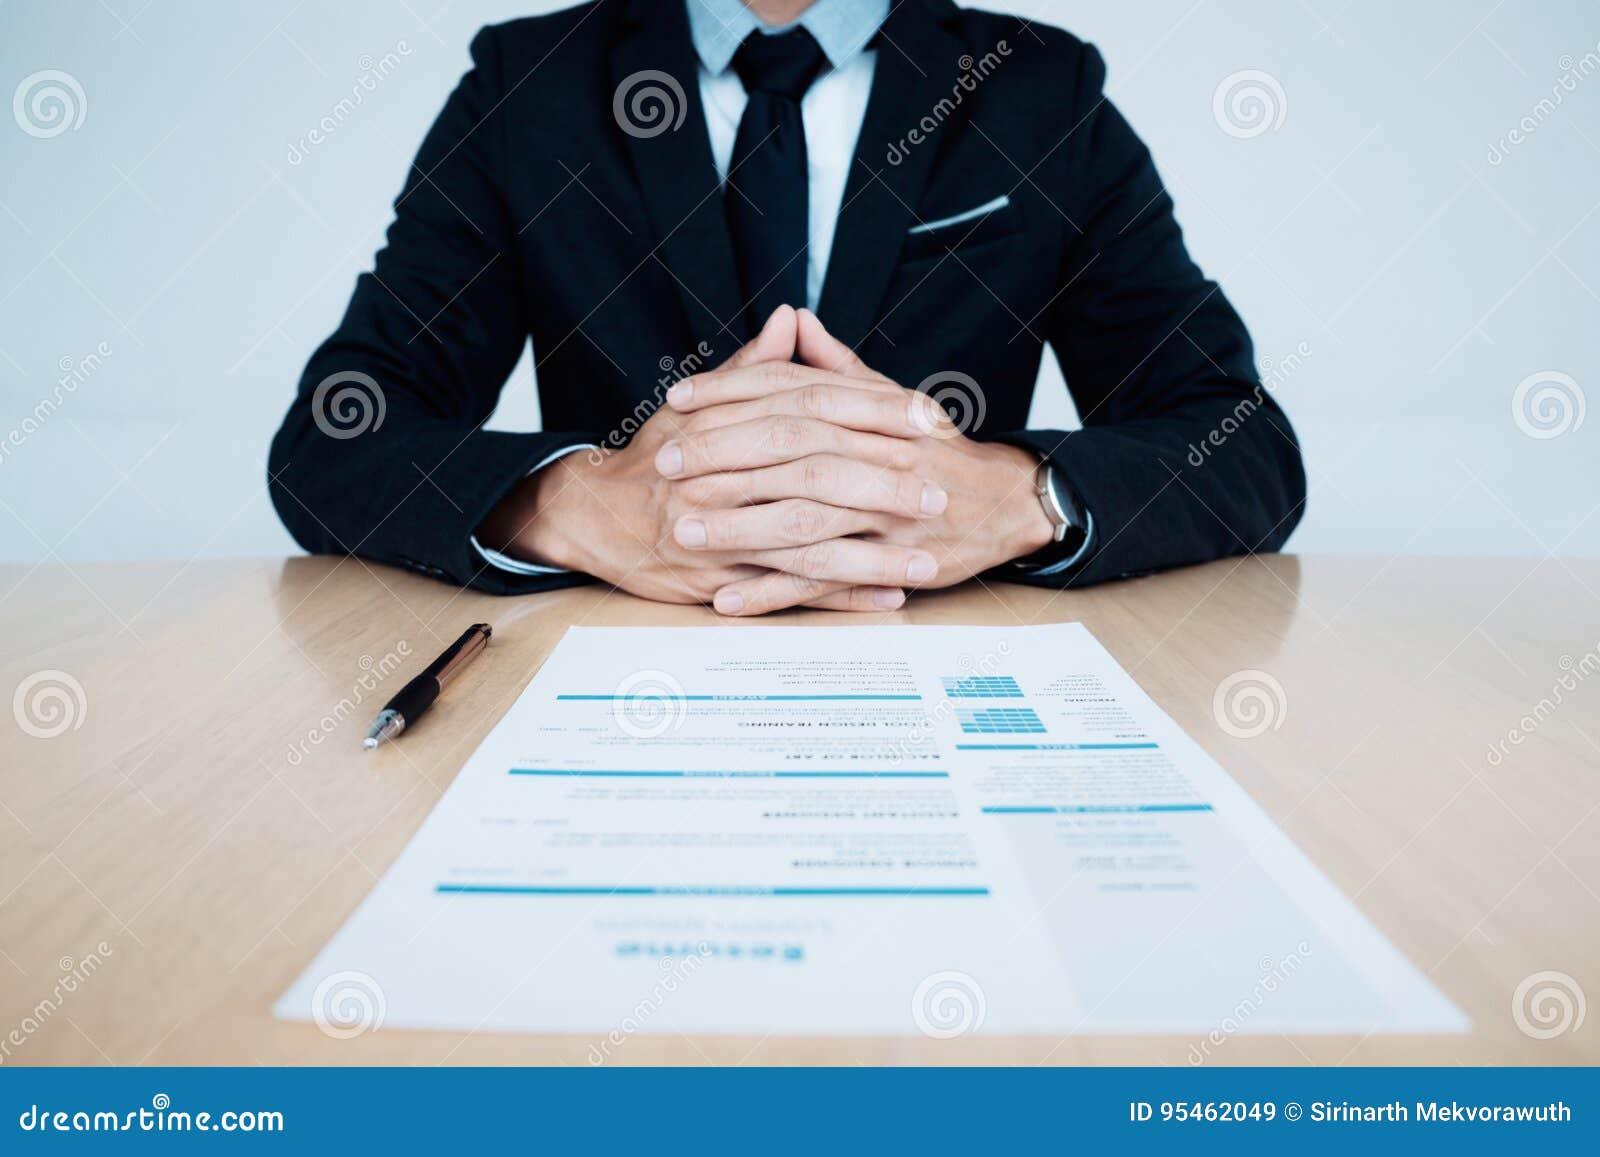 Entrevista de trabalho do negócio Hora e resumo do candidato na tabela